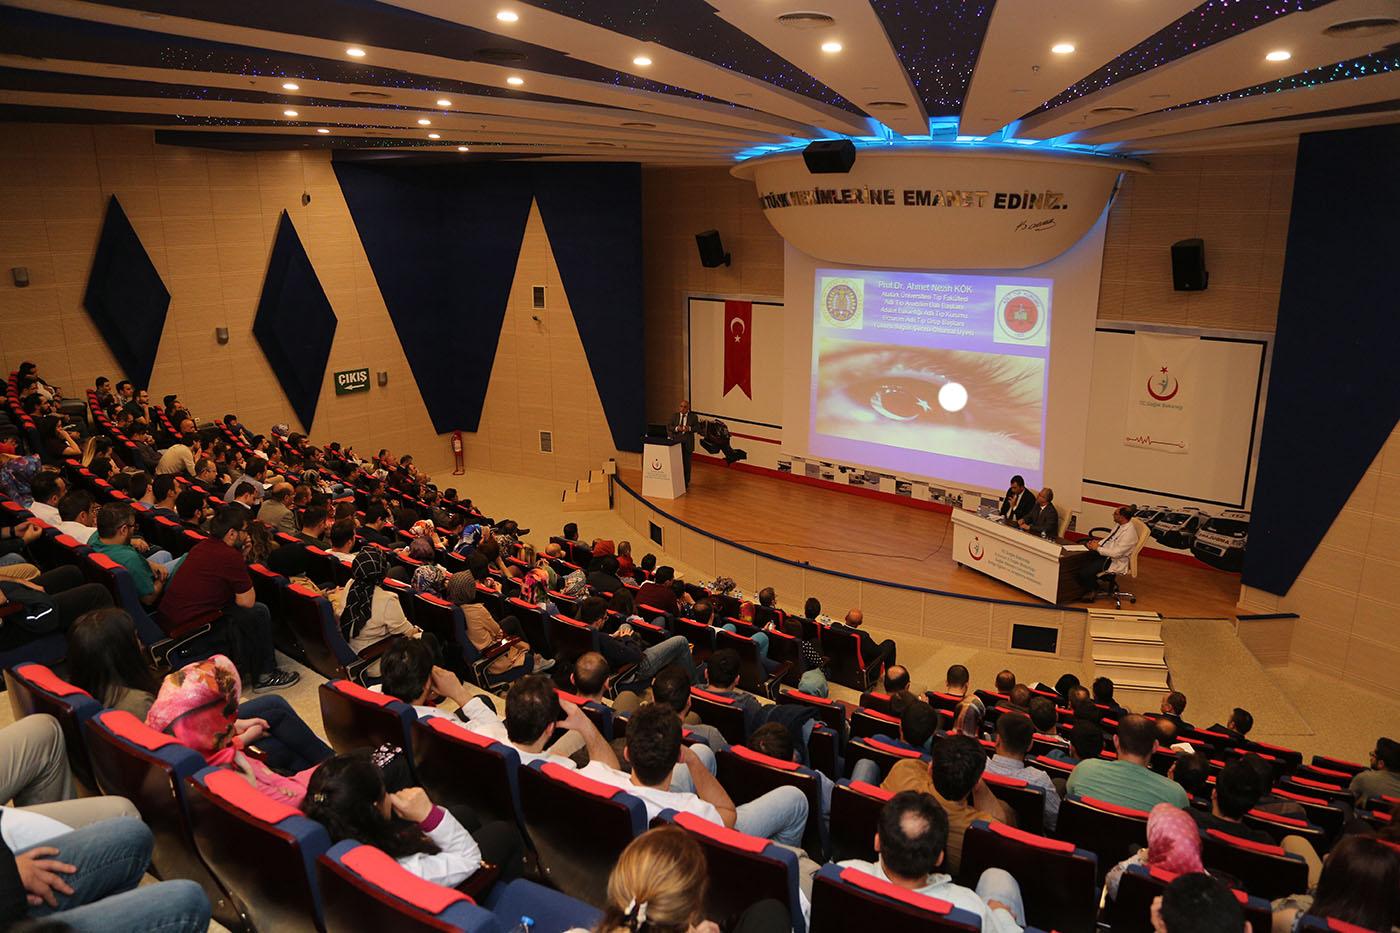 İlimizde Çalışan Hekimlere Yönelik Adli Rapor Düzenleme Toplantısı Düzenlenmiştir.